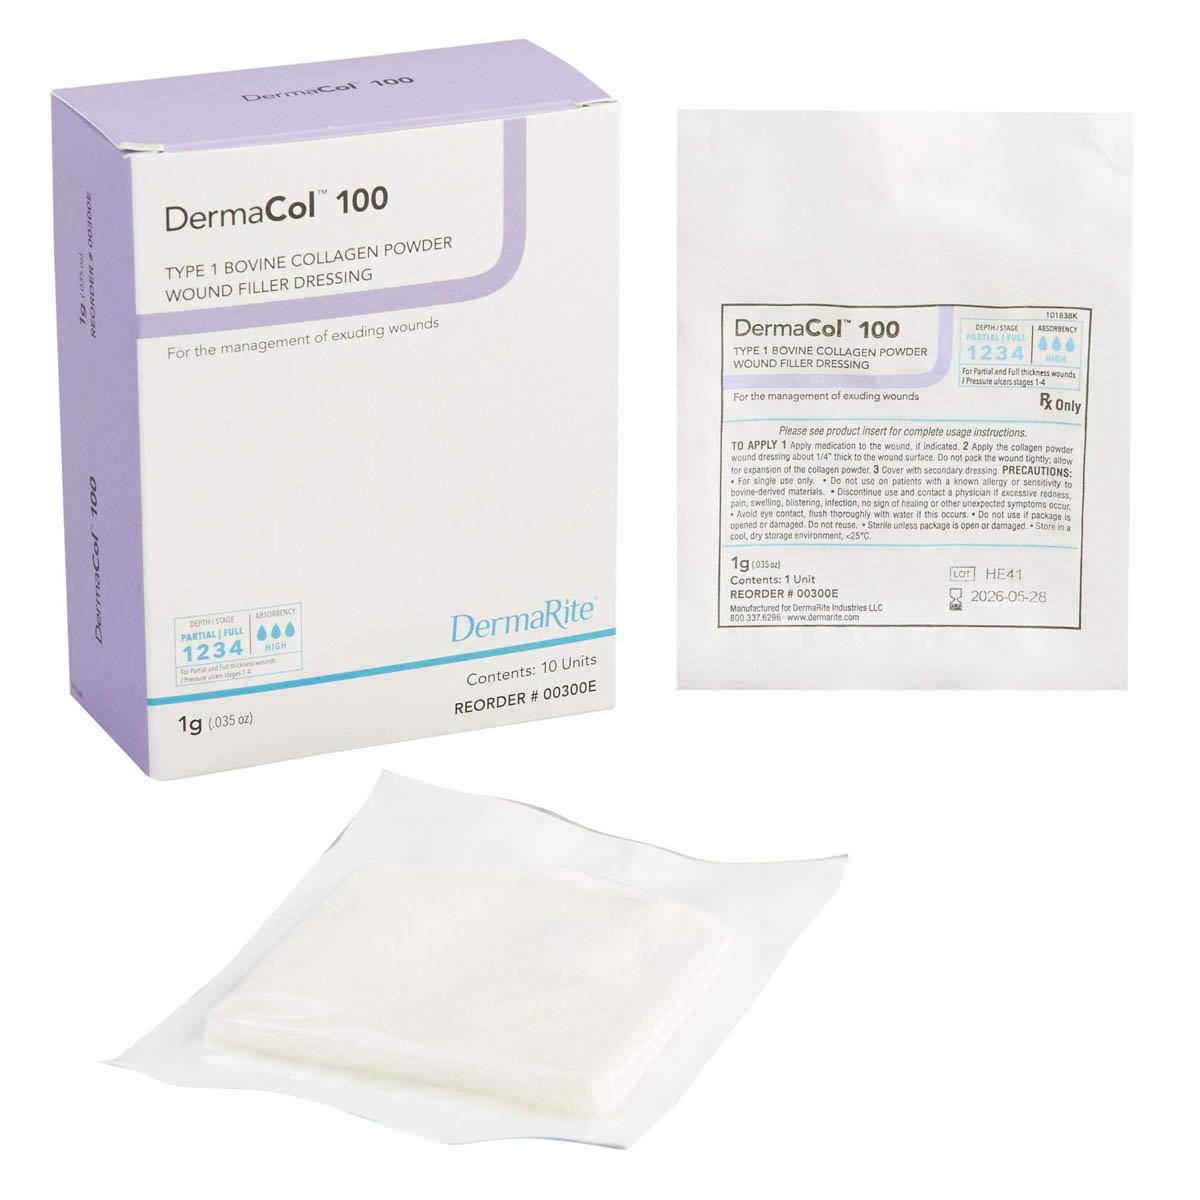 DermaCol 100 Collagen Powder Wound Filler Dressing, 1gm